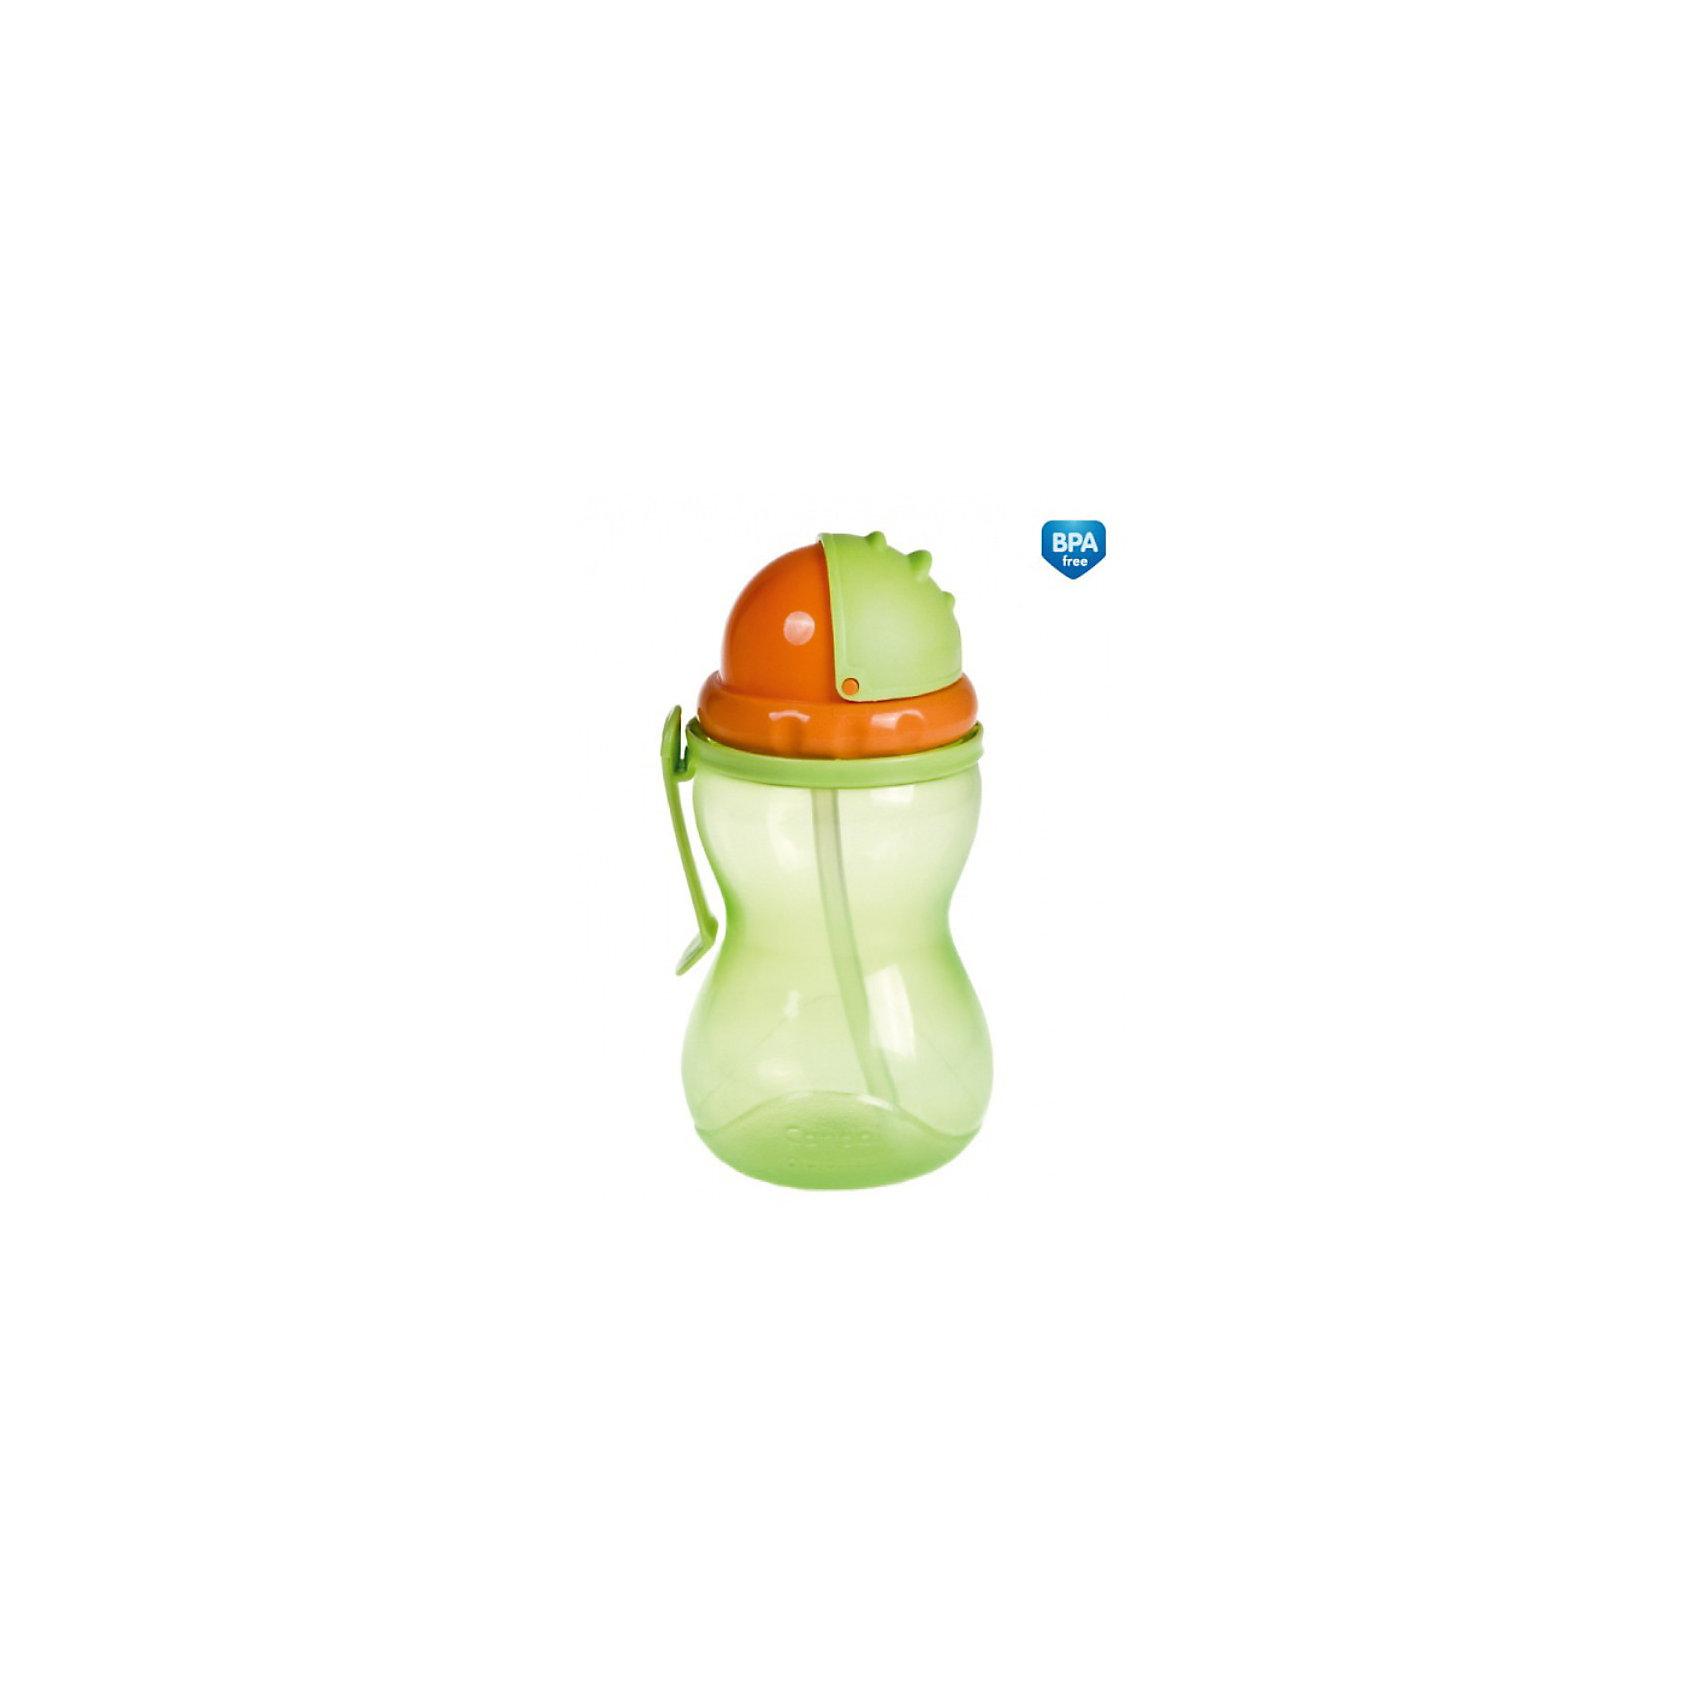 Поильник Canpol Babies, 370 мл, зеленыйПрактичный яркий спортивный поильник с трубочкой предназначен для детей старше 1 года, которые могут пить самостоятельно. Идеально подходит для поездок и прогулок. Специальная эргономичная форма позволяет малышу легко держать поильник. Двигающаяся крышка защищает трубочку, когда поильник не используется.<br>Объем: 370 мл.<br>Поильник Canpol Babies, от 12 мес., 370 мл. можно купить в нашем интернет-магазине.<br><br>Ширина мм: 240<br>Глубина мм: 80<br>Высота мм: 122<br>Вес г: 90<br>Возраст от месяцев: 12<br>Возраст до месяцев: 48<br>Пол: Унисекс<br>Возраст: Детский<br>SKU: 3837127